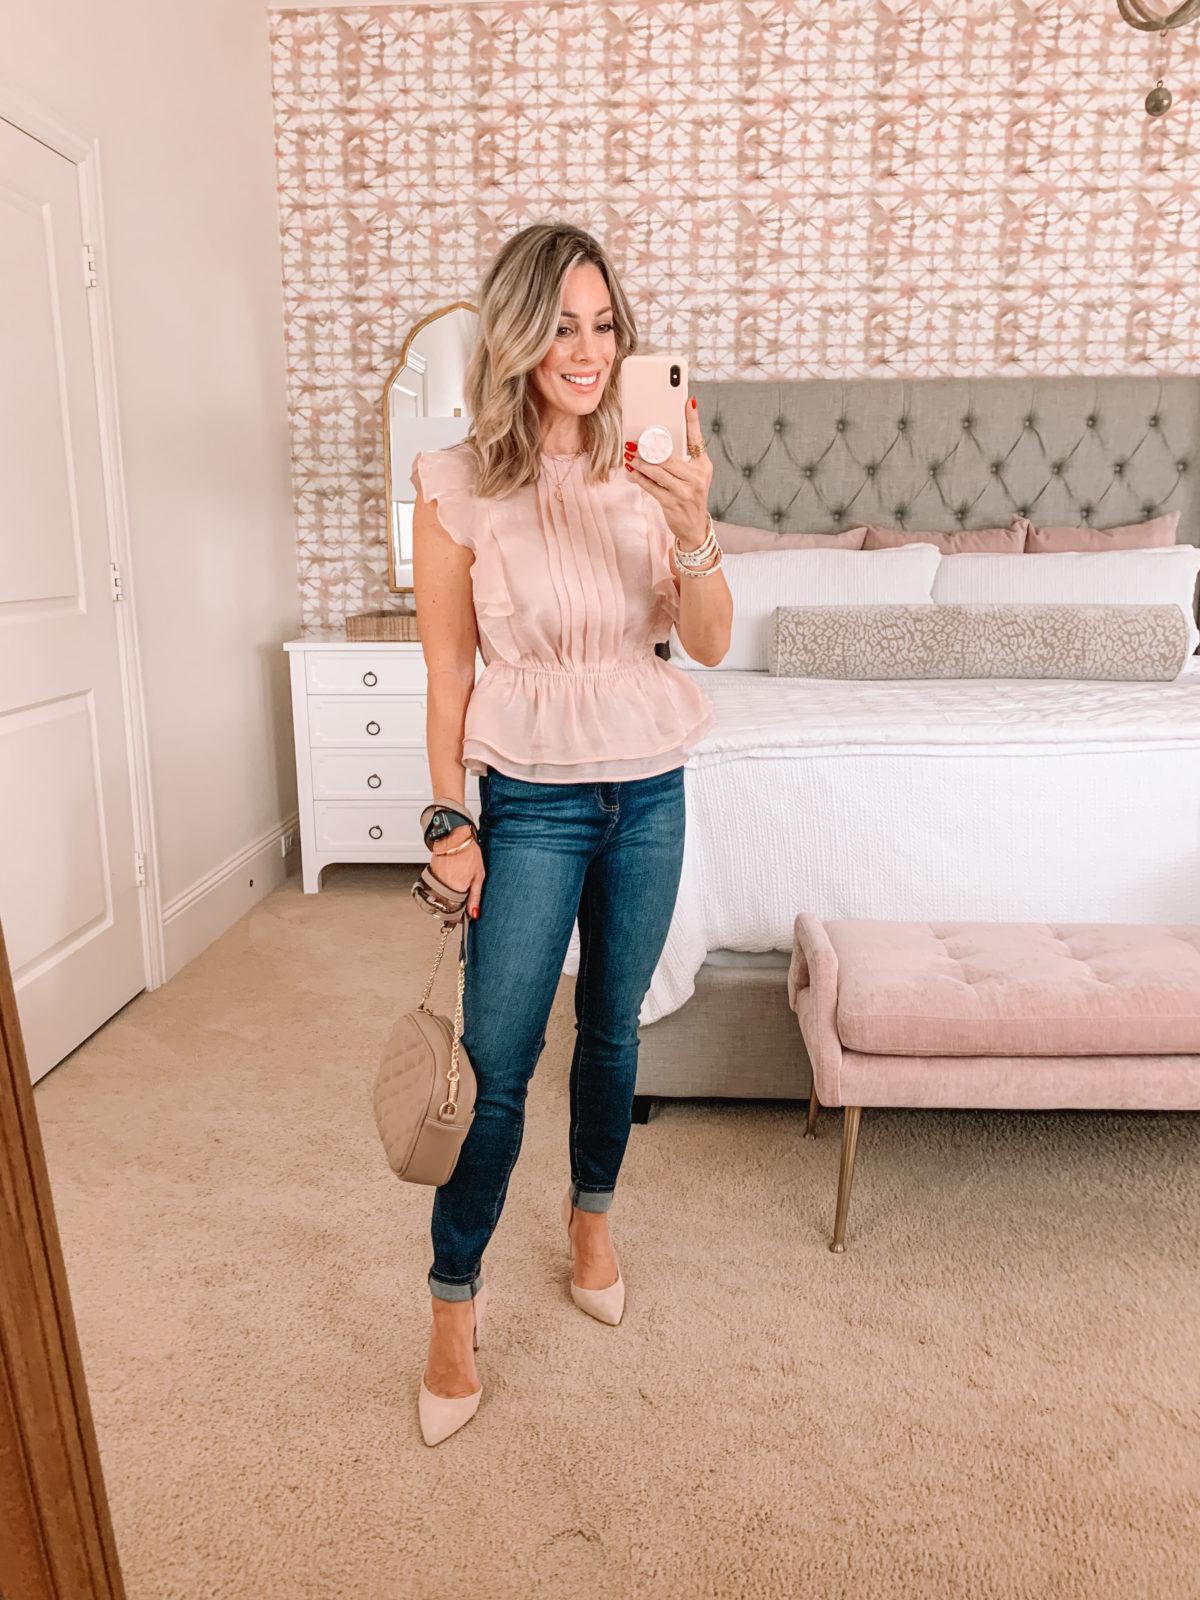 Dressing Room Finds, Pink Shimmer Peplum Top, Jeans, Heels